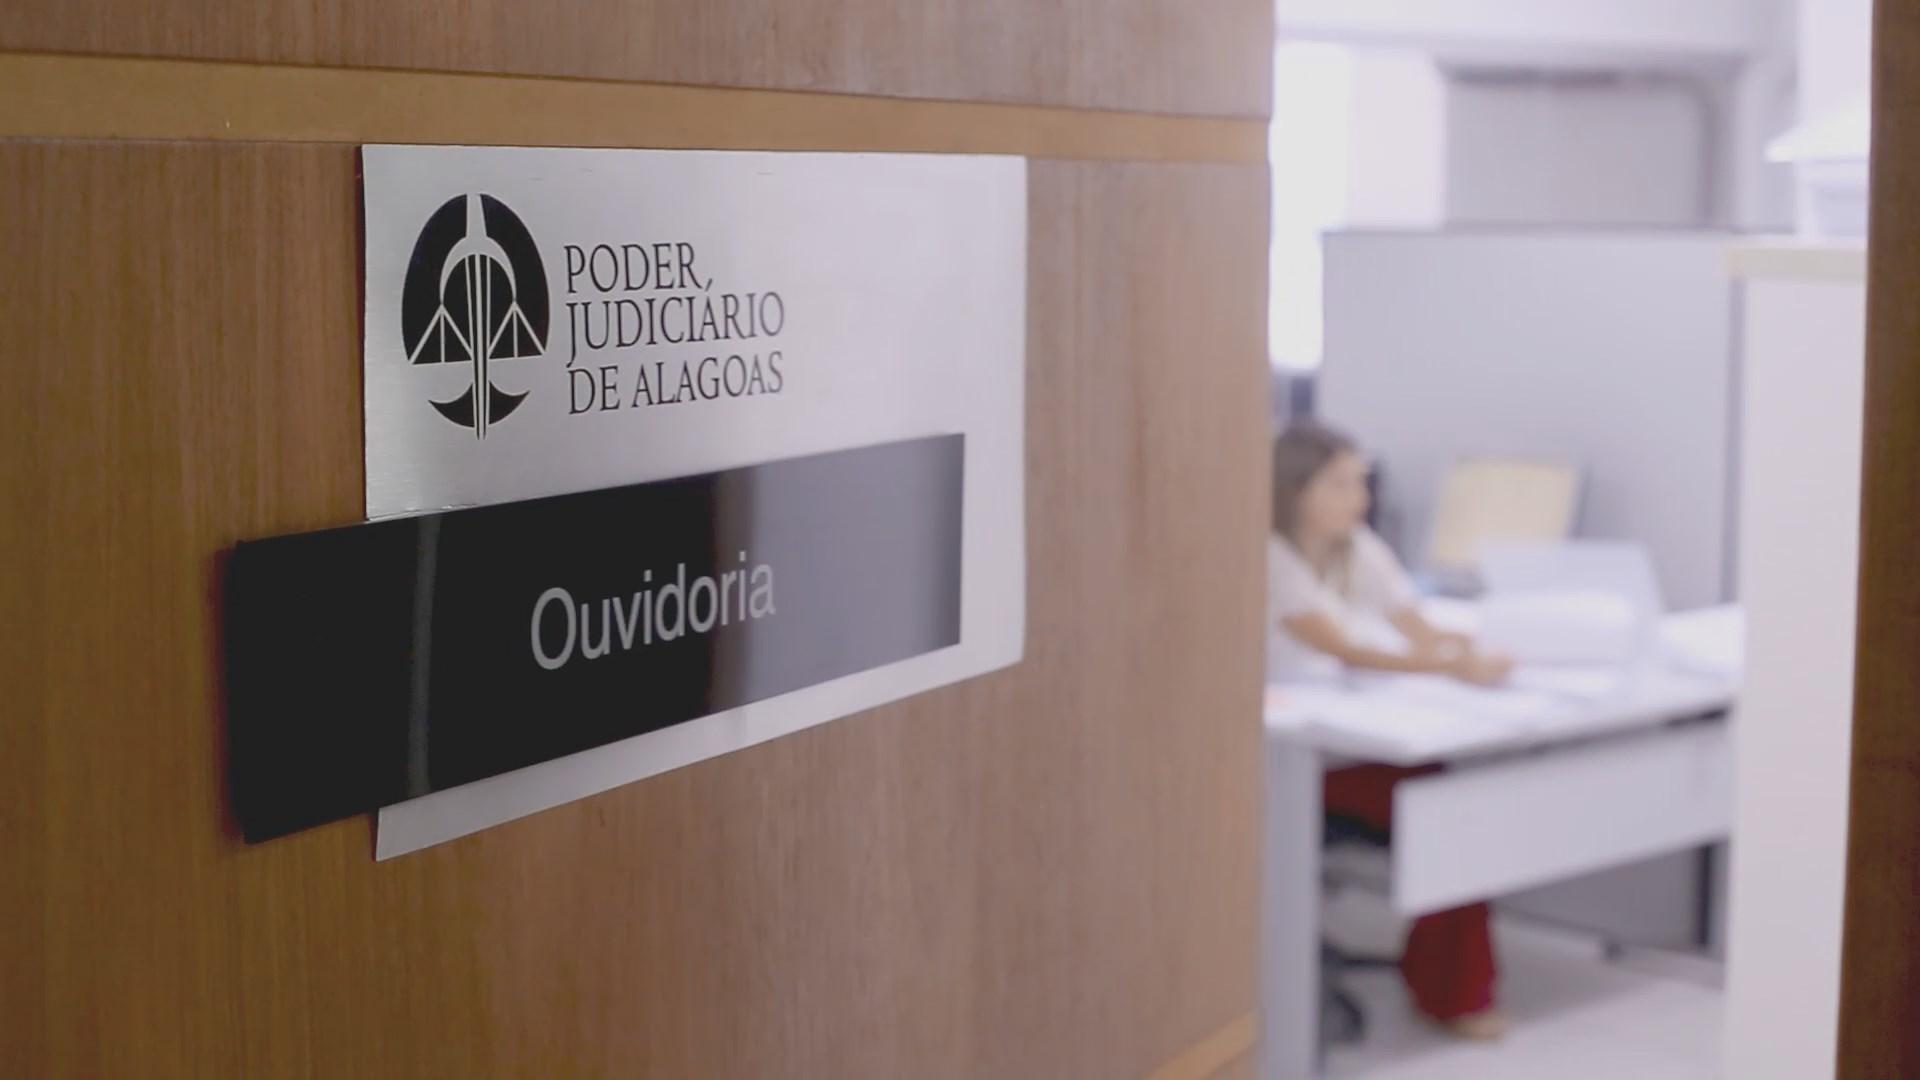 Trabalho desenvolvido pela Ouvidoria é uma resposta de como as atividades do TJAL estão sendo realizadas. Foto: Itawi Albuquerque